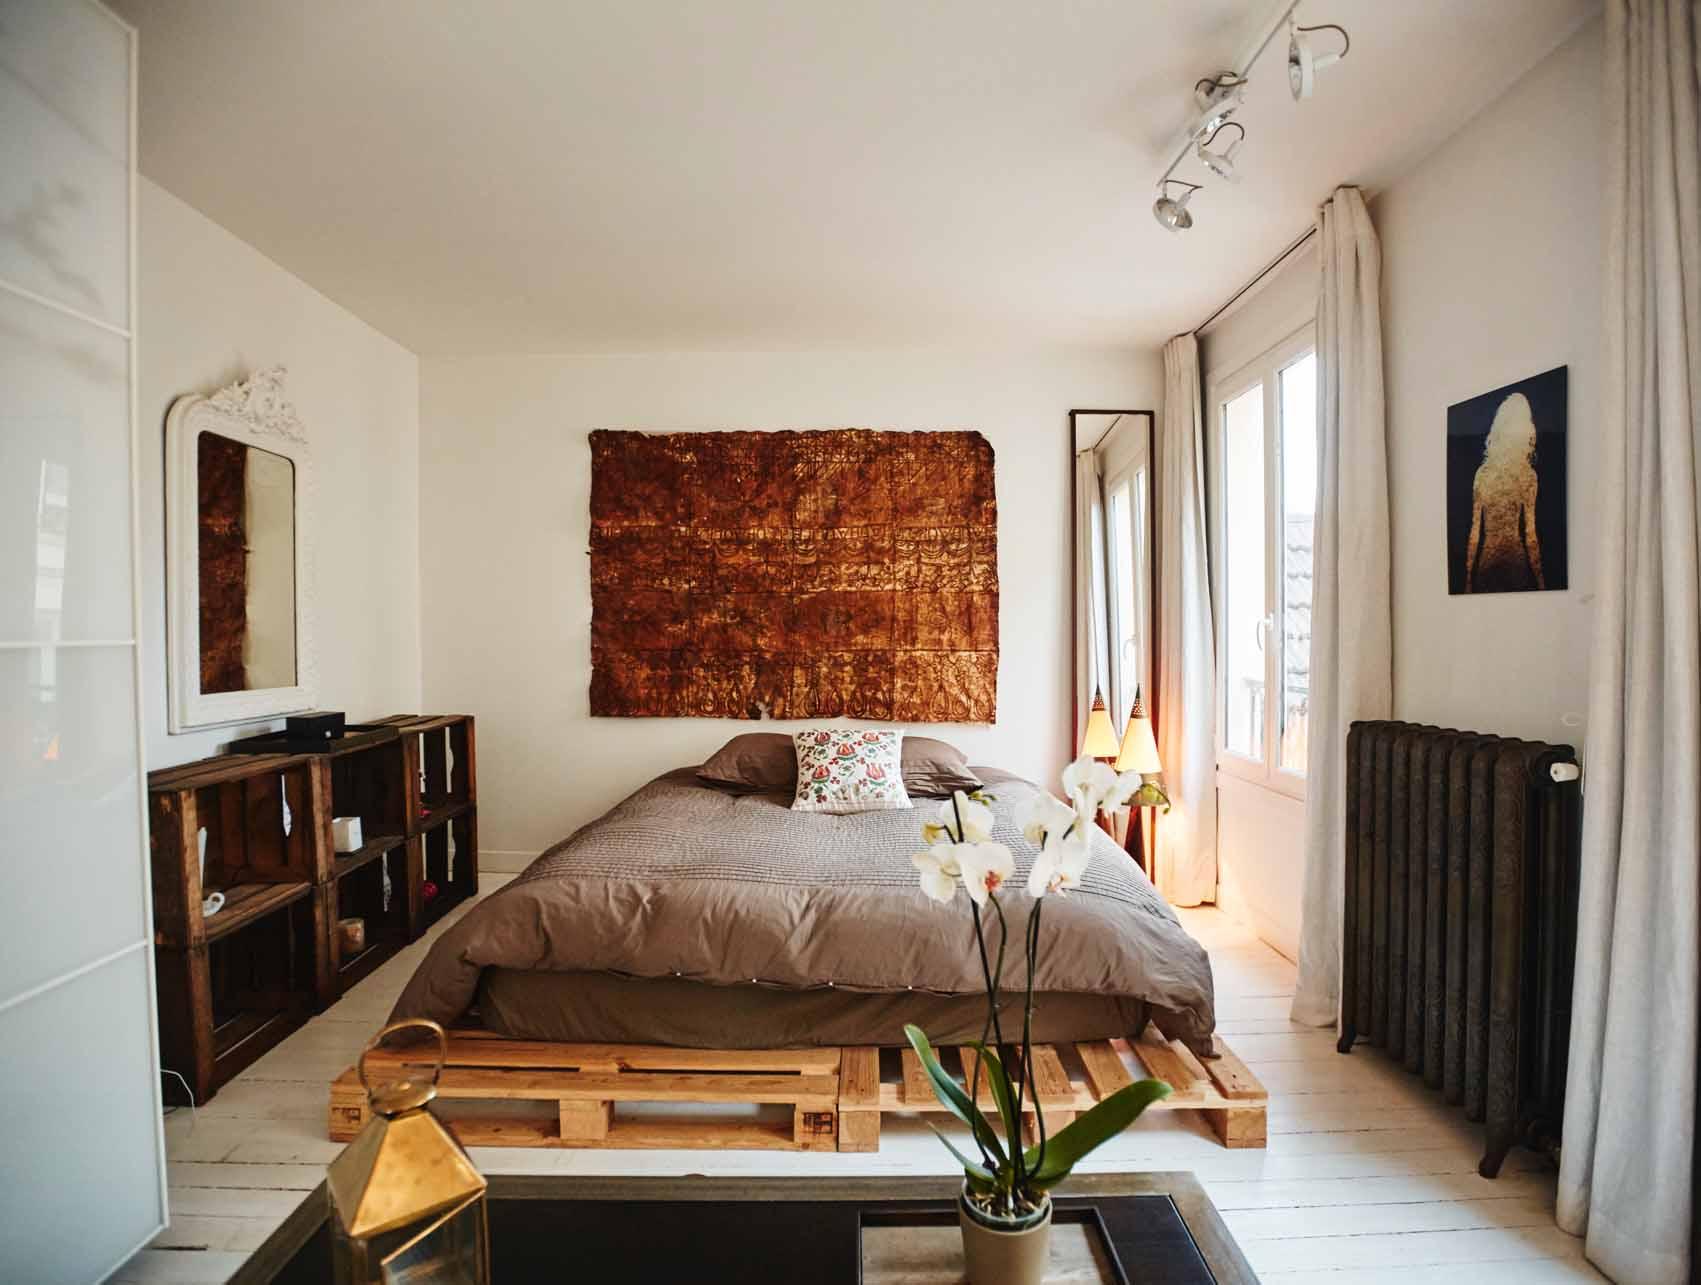 Кровать в стиле лофт – индустриальный акцент (24 фото)